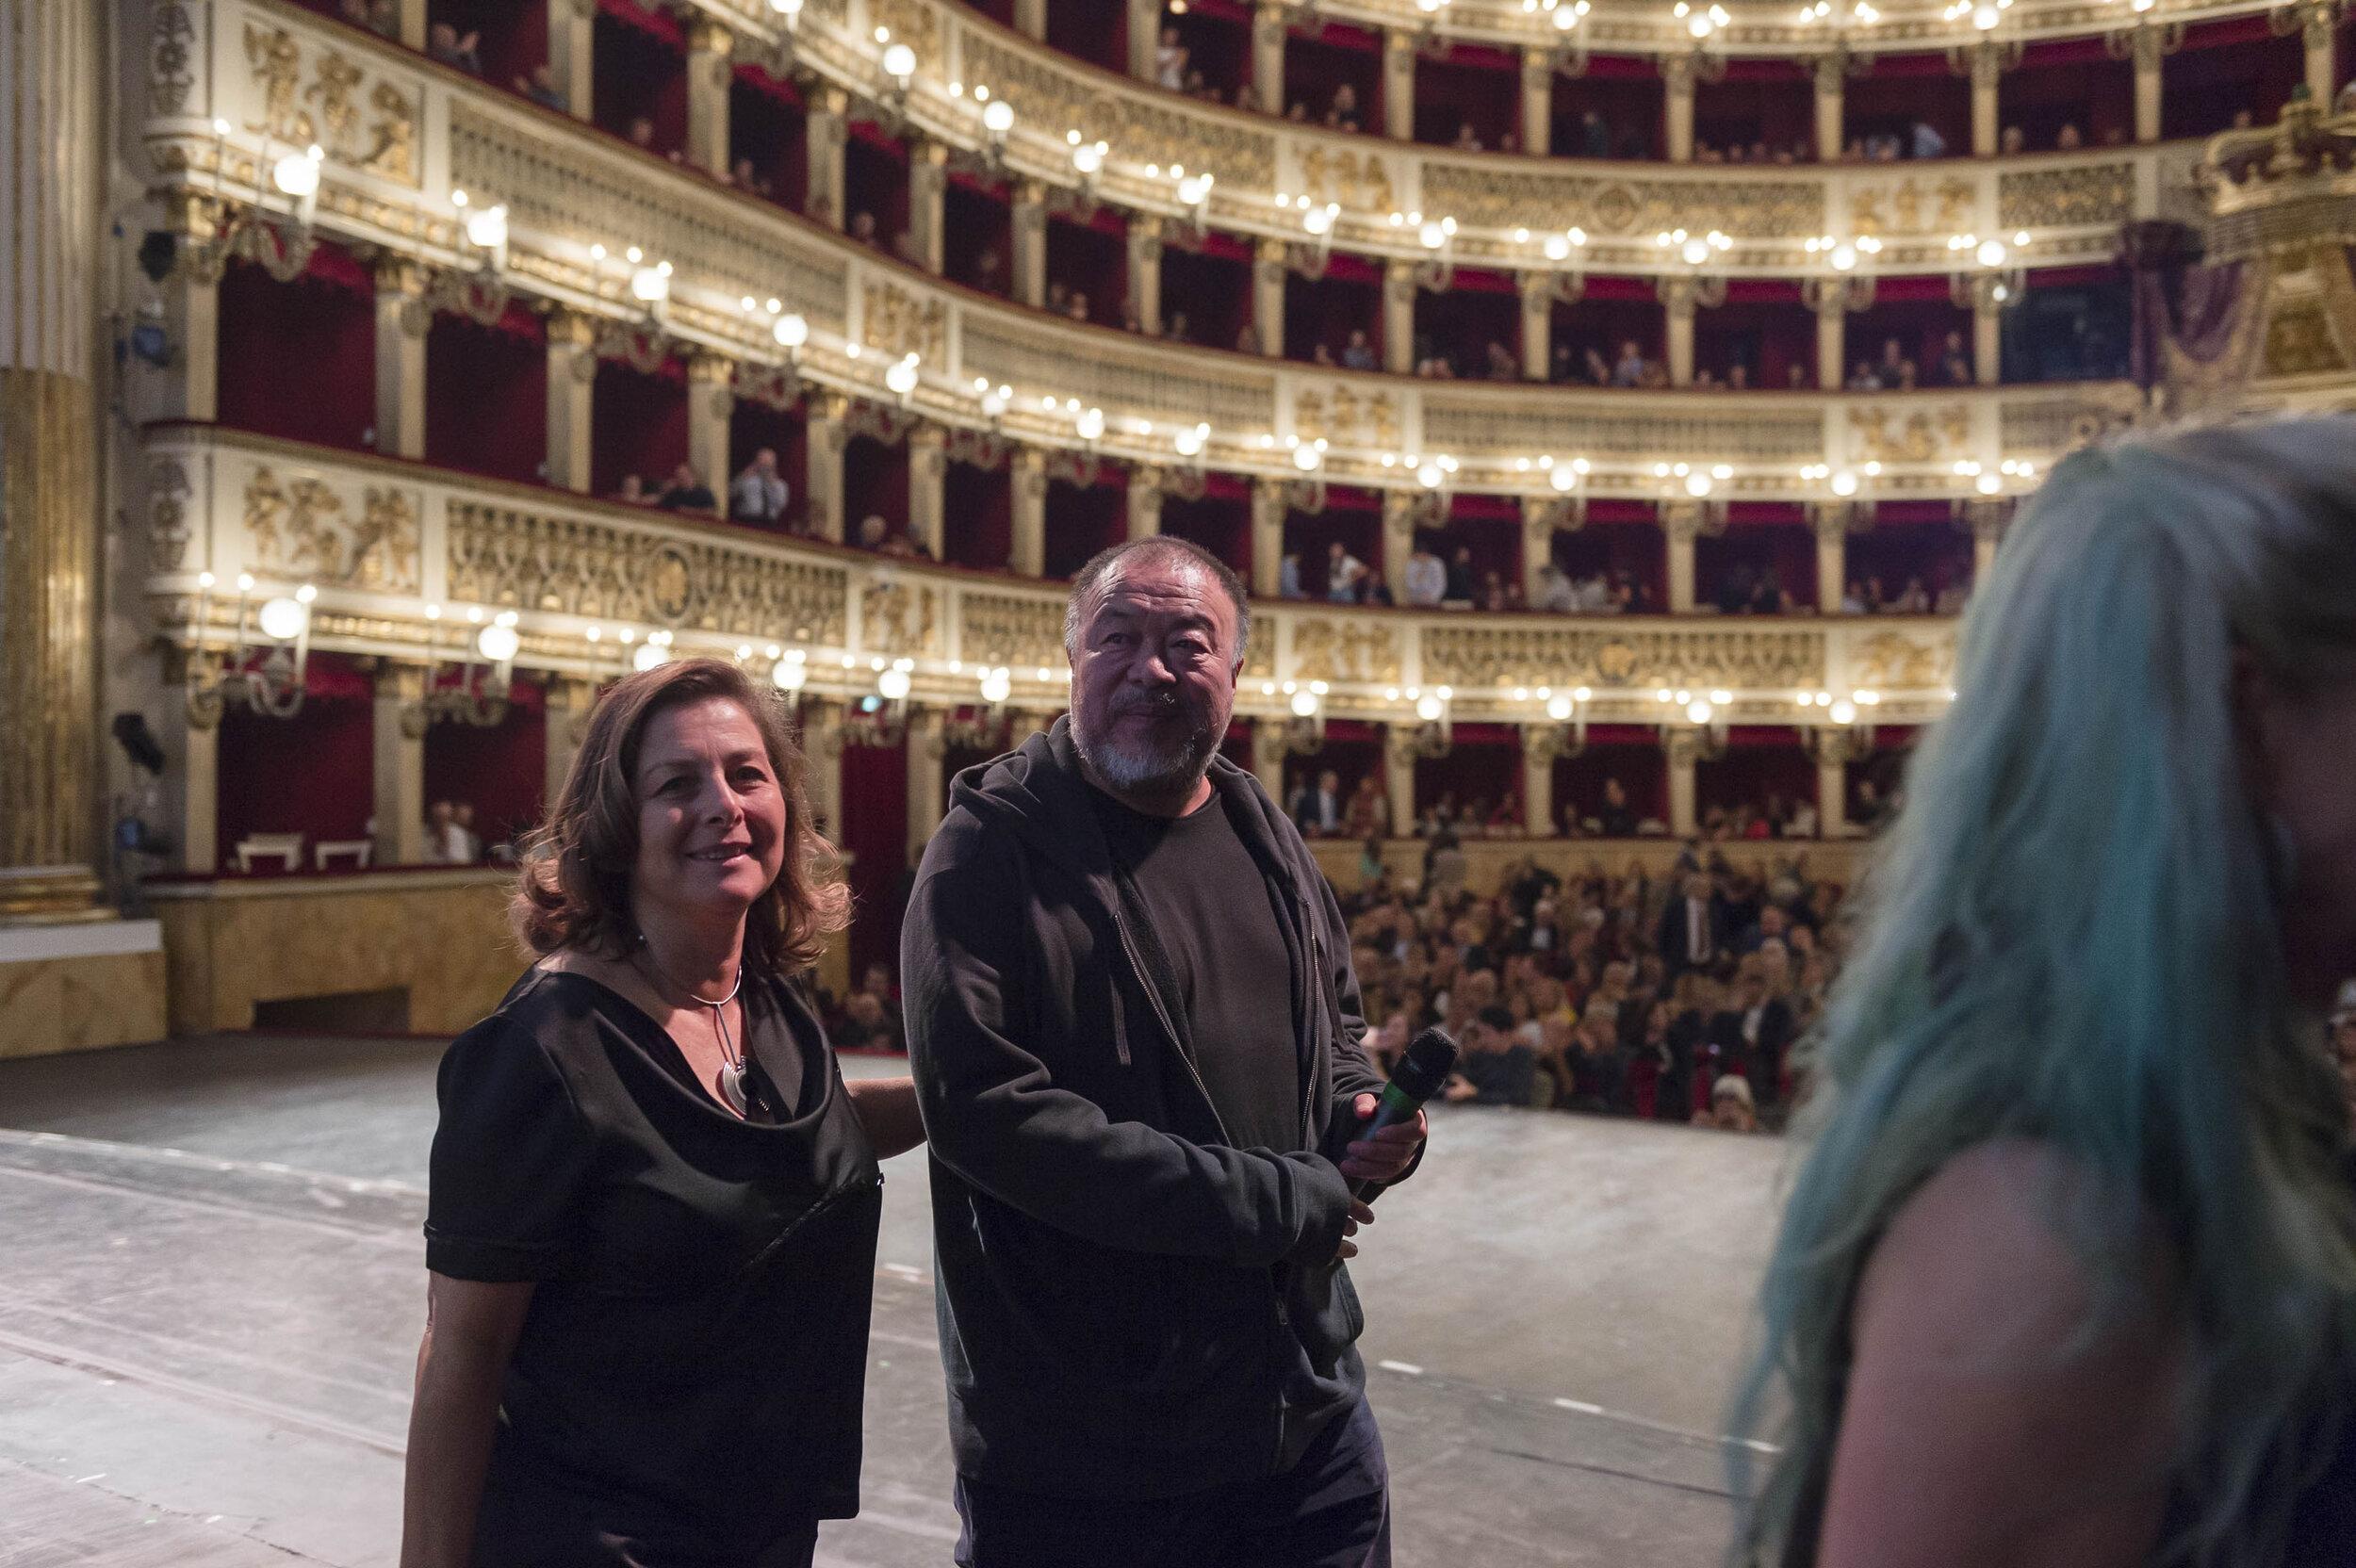 Artecinema 2019_ph Francesco Squeglia_9144.jpg